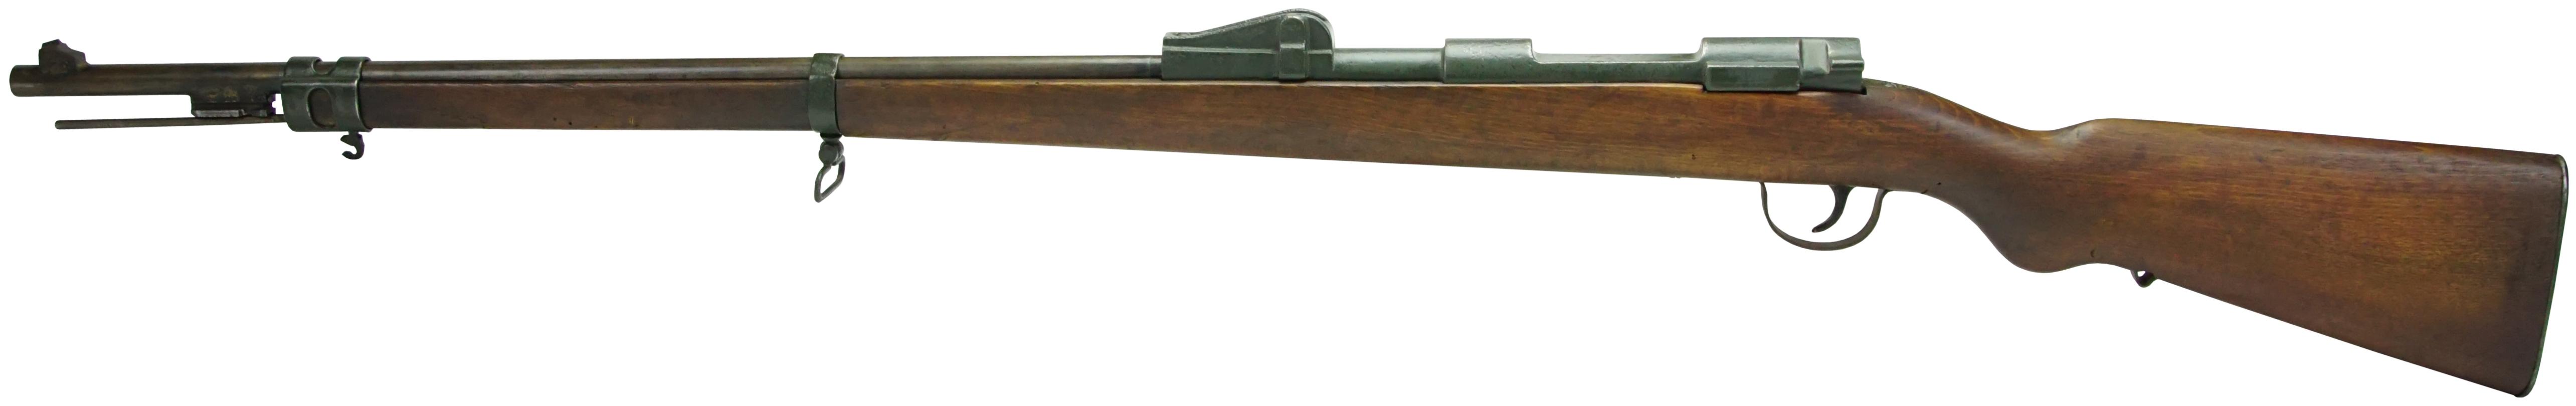 Karabin ćwiczebny Exerziergewehr 16